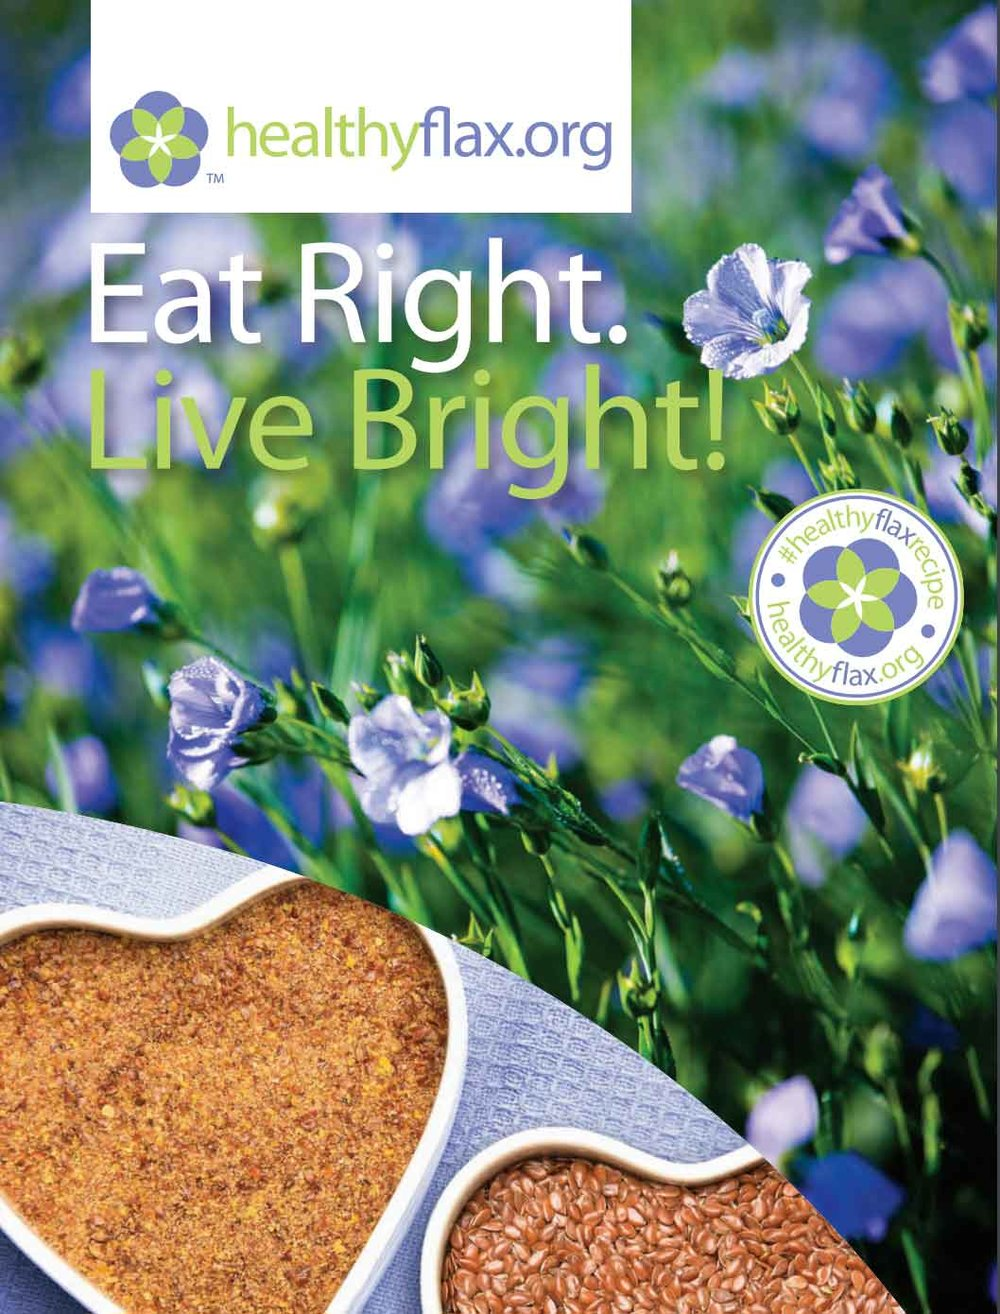 Eat Right! Live Bright! - Consumer-friendly recipe brochure.